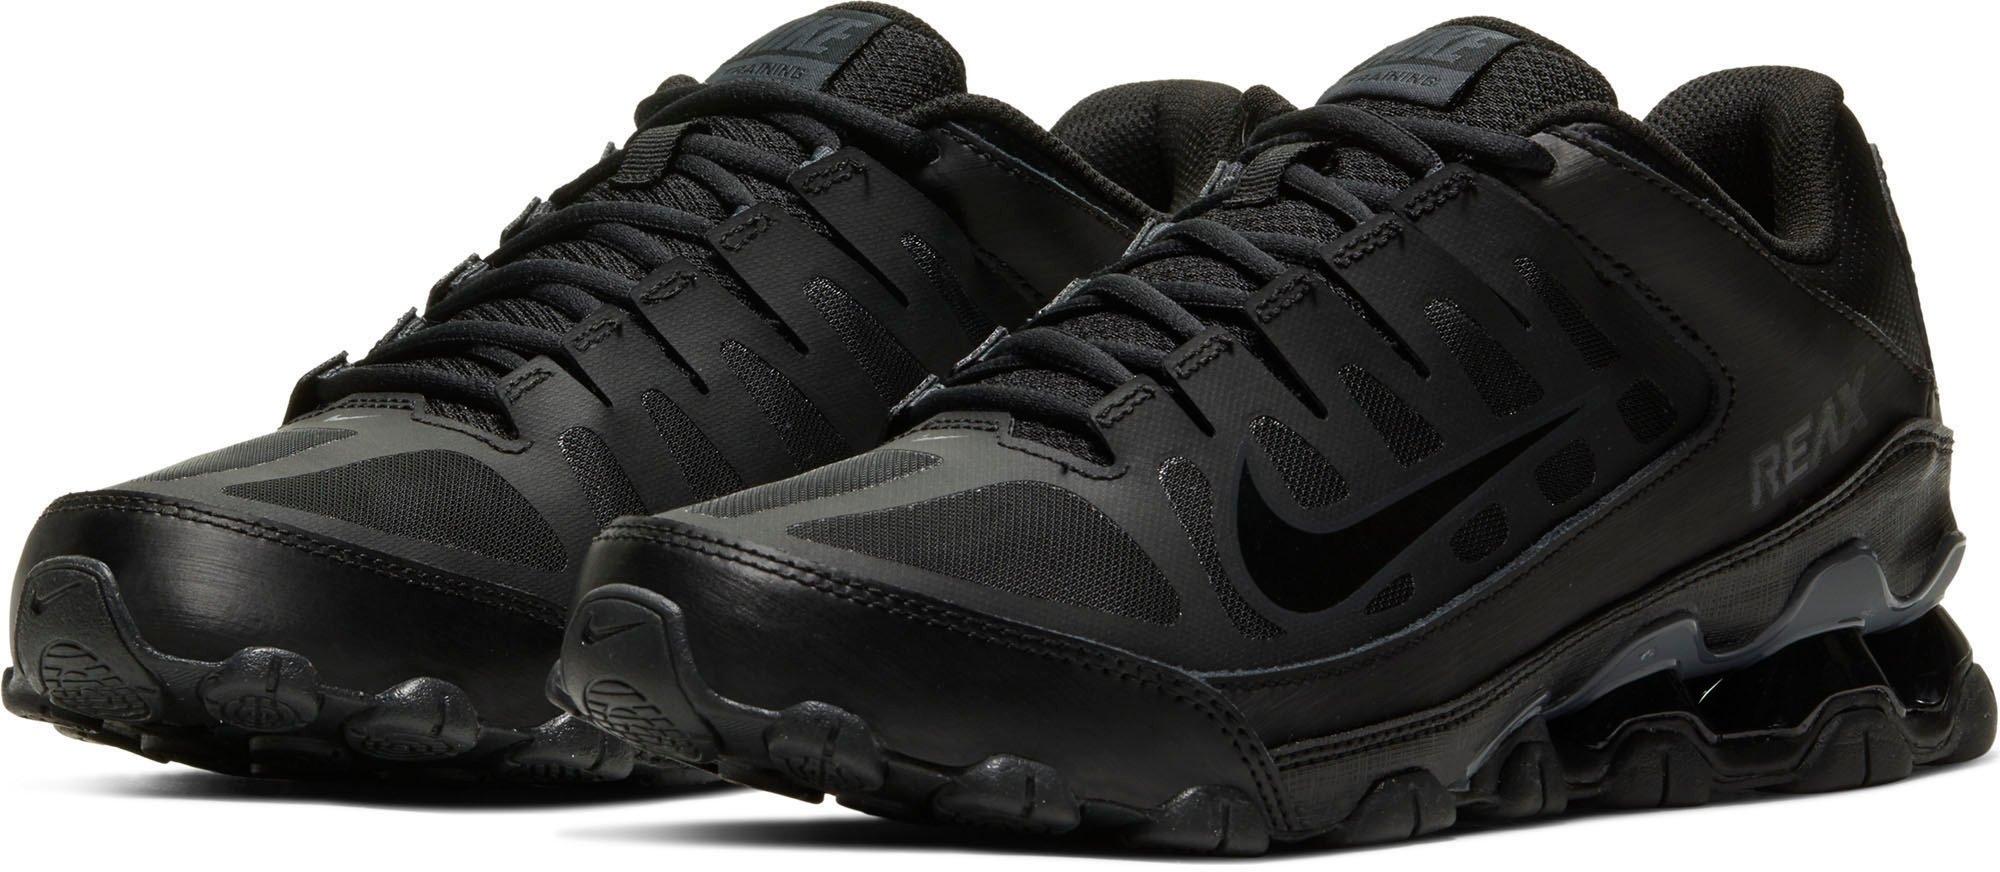 Op zoek naar een Nike sneakers Reax 8 TR? Koop online bij OTTO